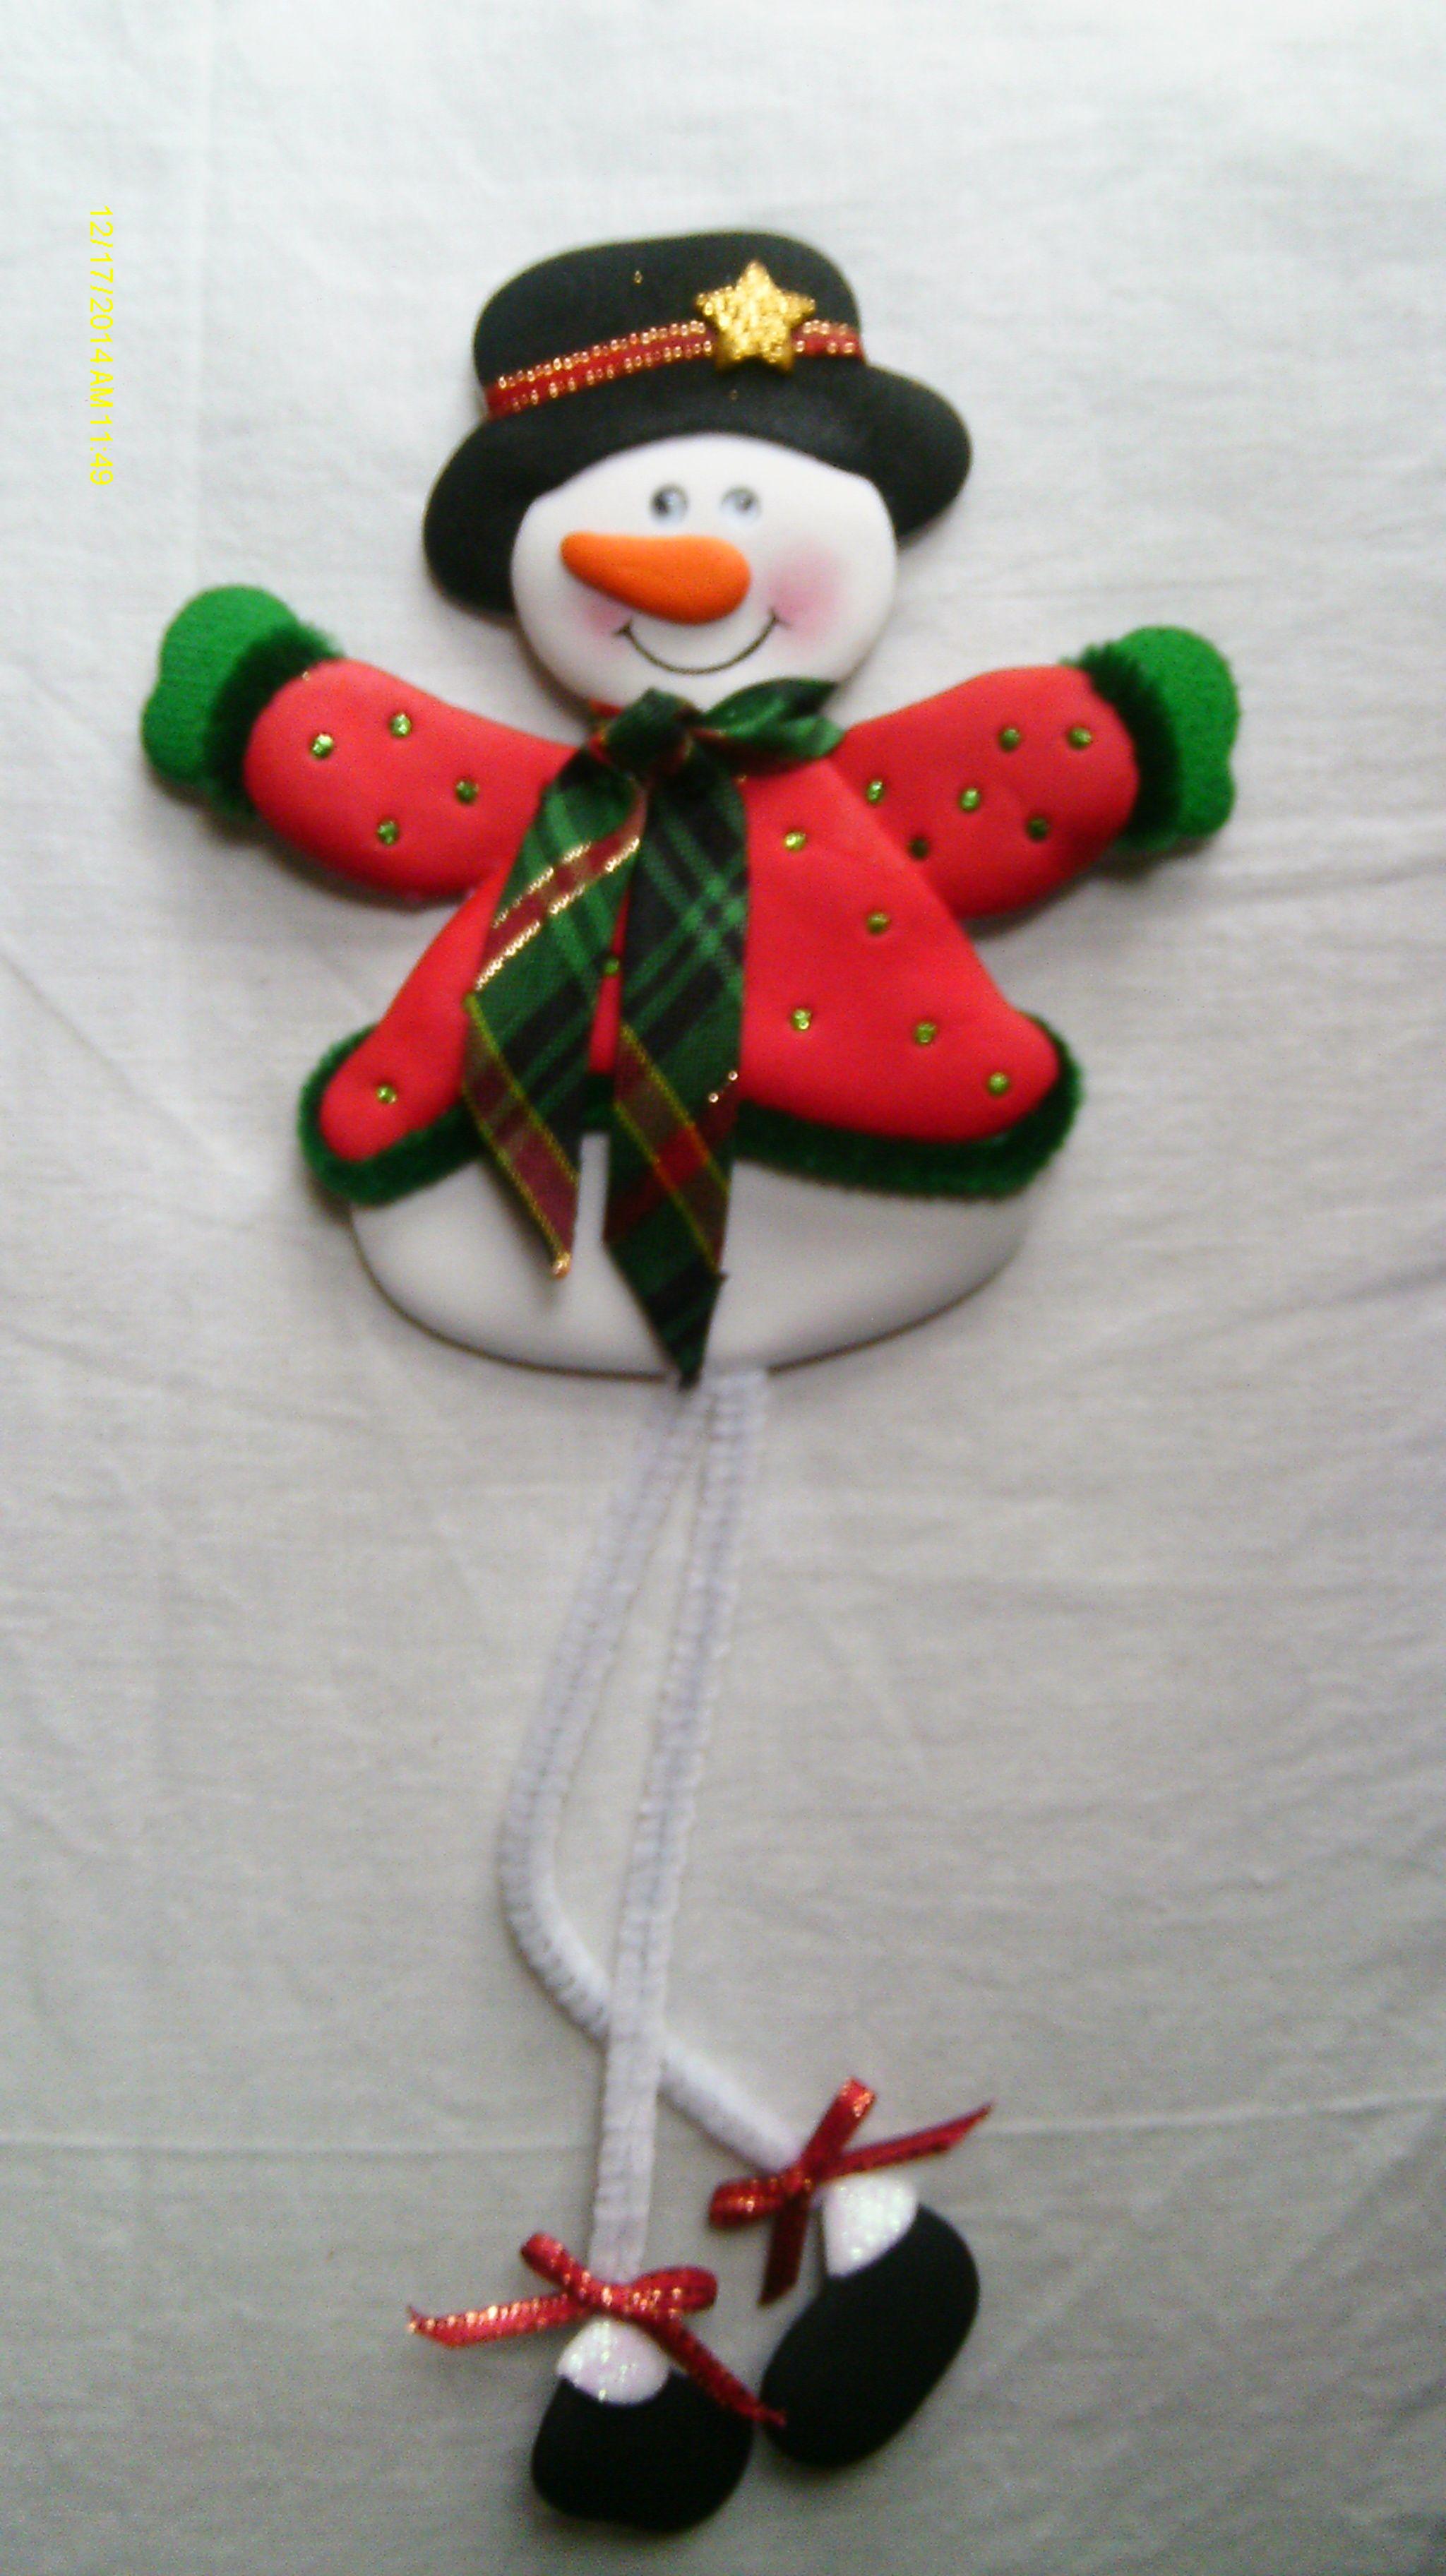 Muñeco de Nieve patas largas imantado para decorar la nevera ...